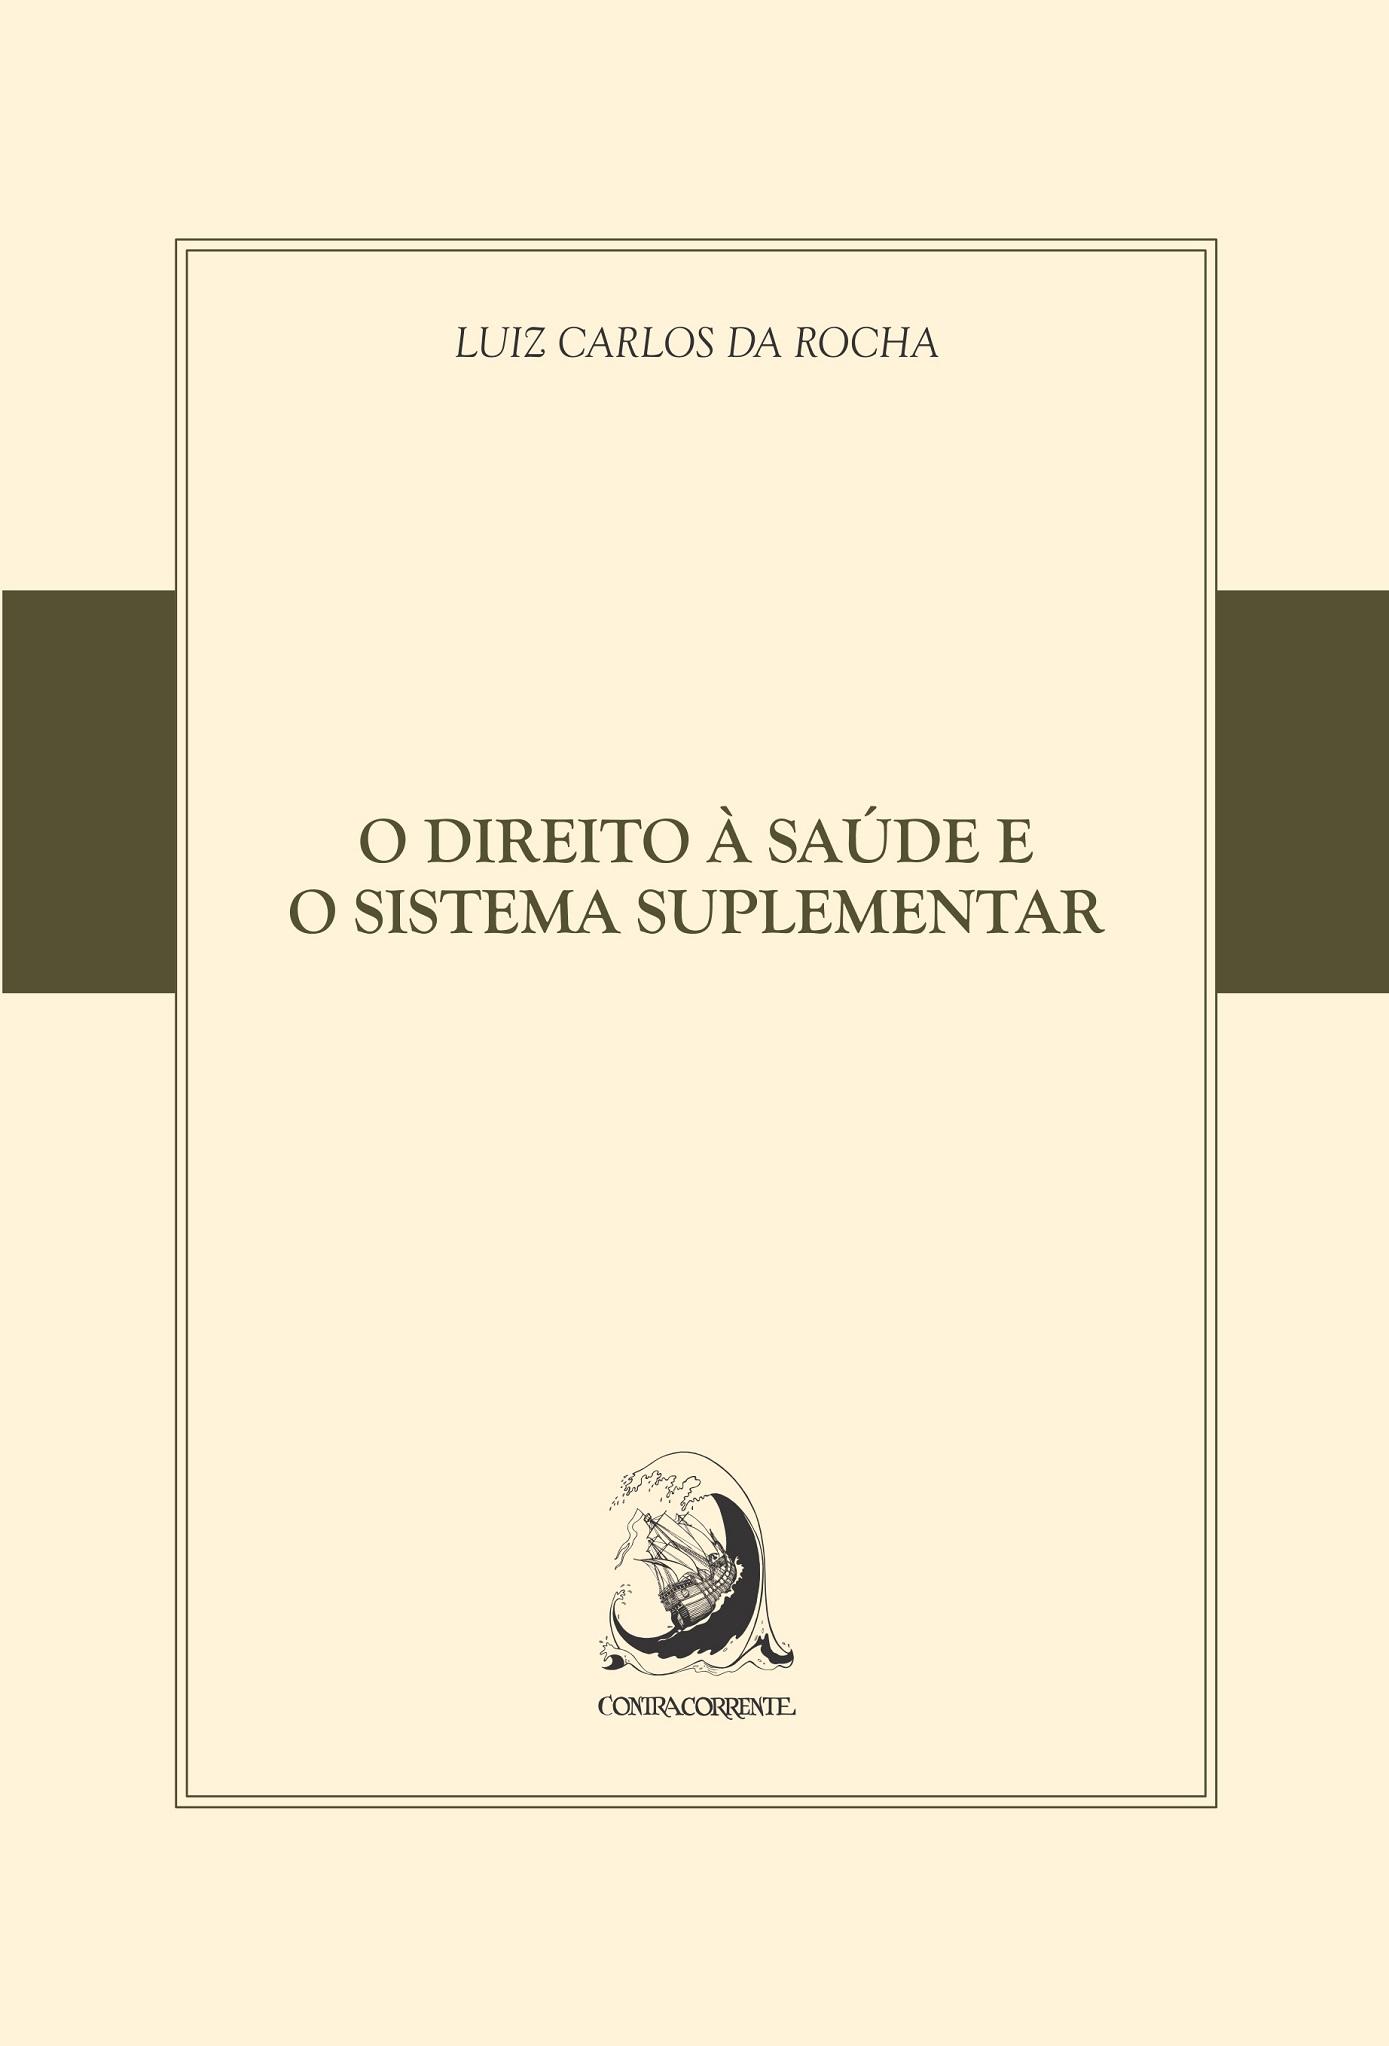 O direito à saúde e o sistema suplementar, livro de Luiz Carlos da Rocha